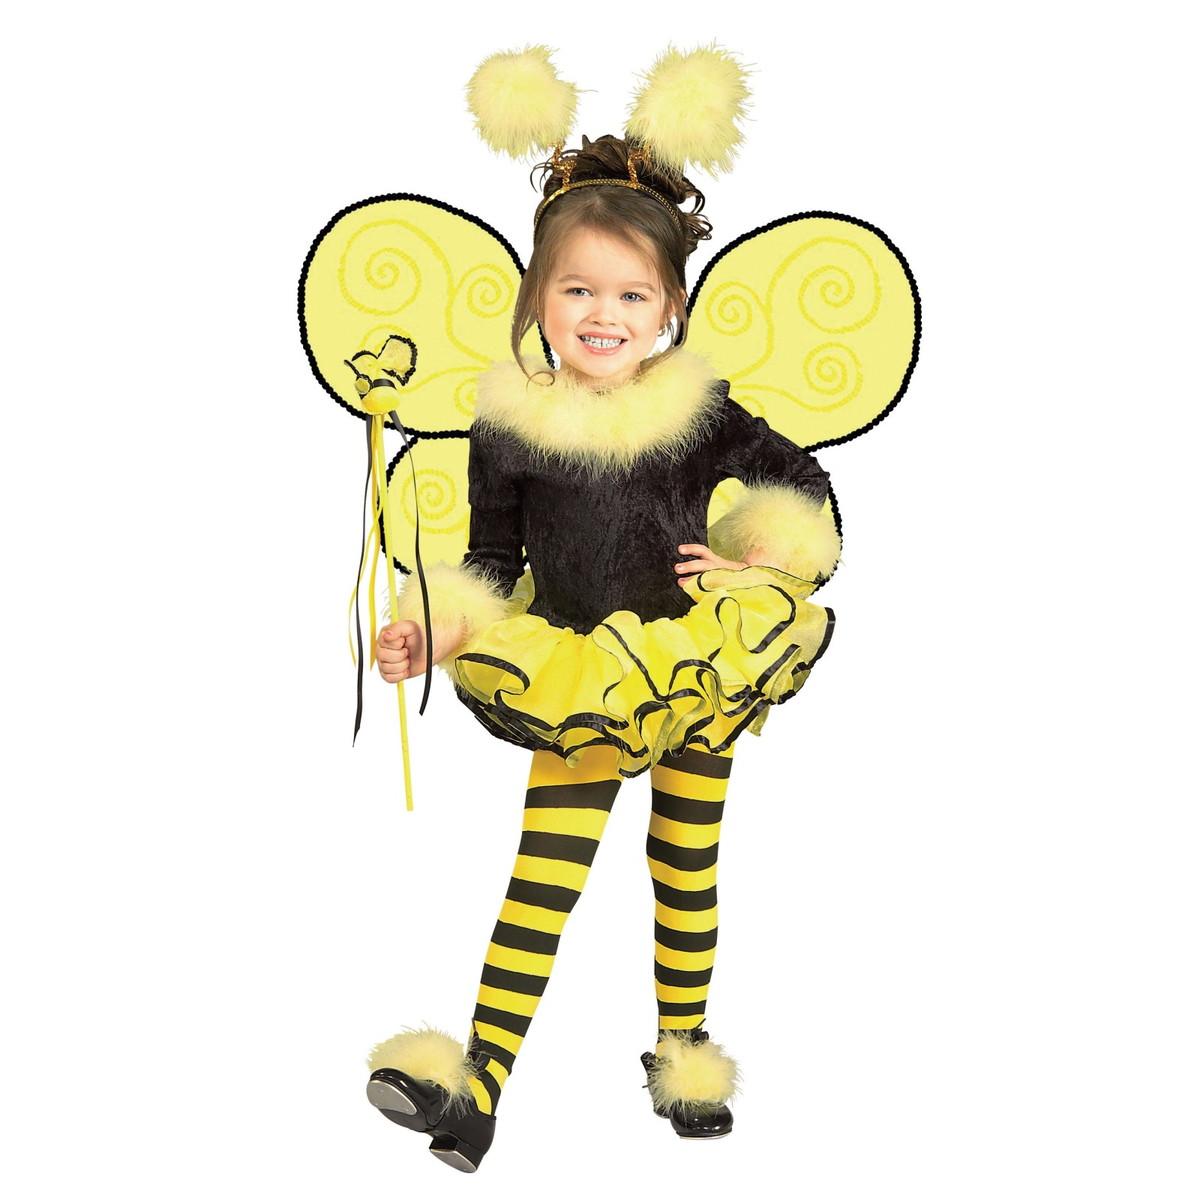 通常便なら送料無料 衣装 ハロウィーン 高価値 2020秋冬新作 幼児用 キッズ みつばちコスチューム